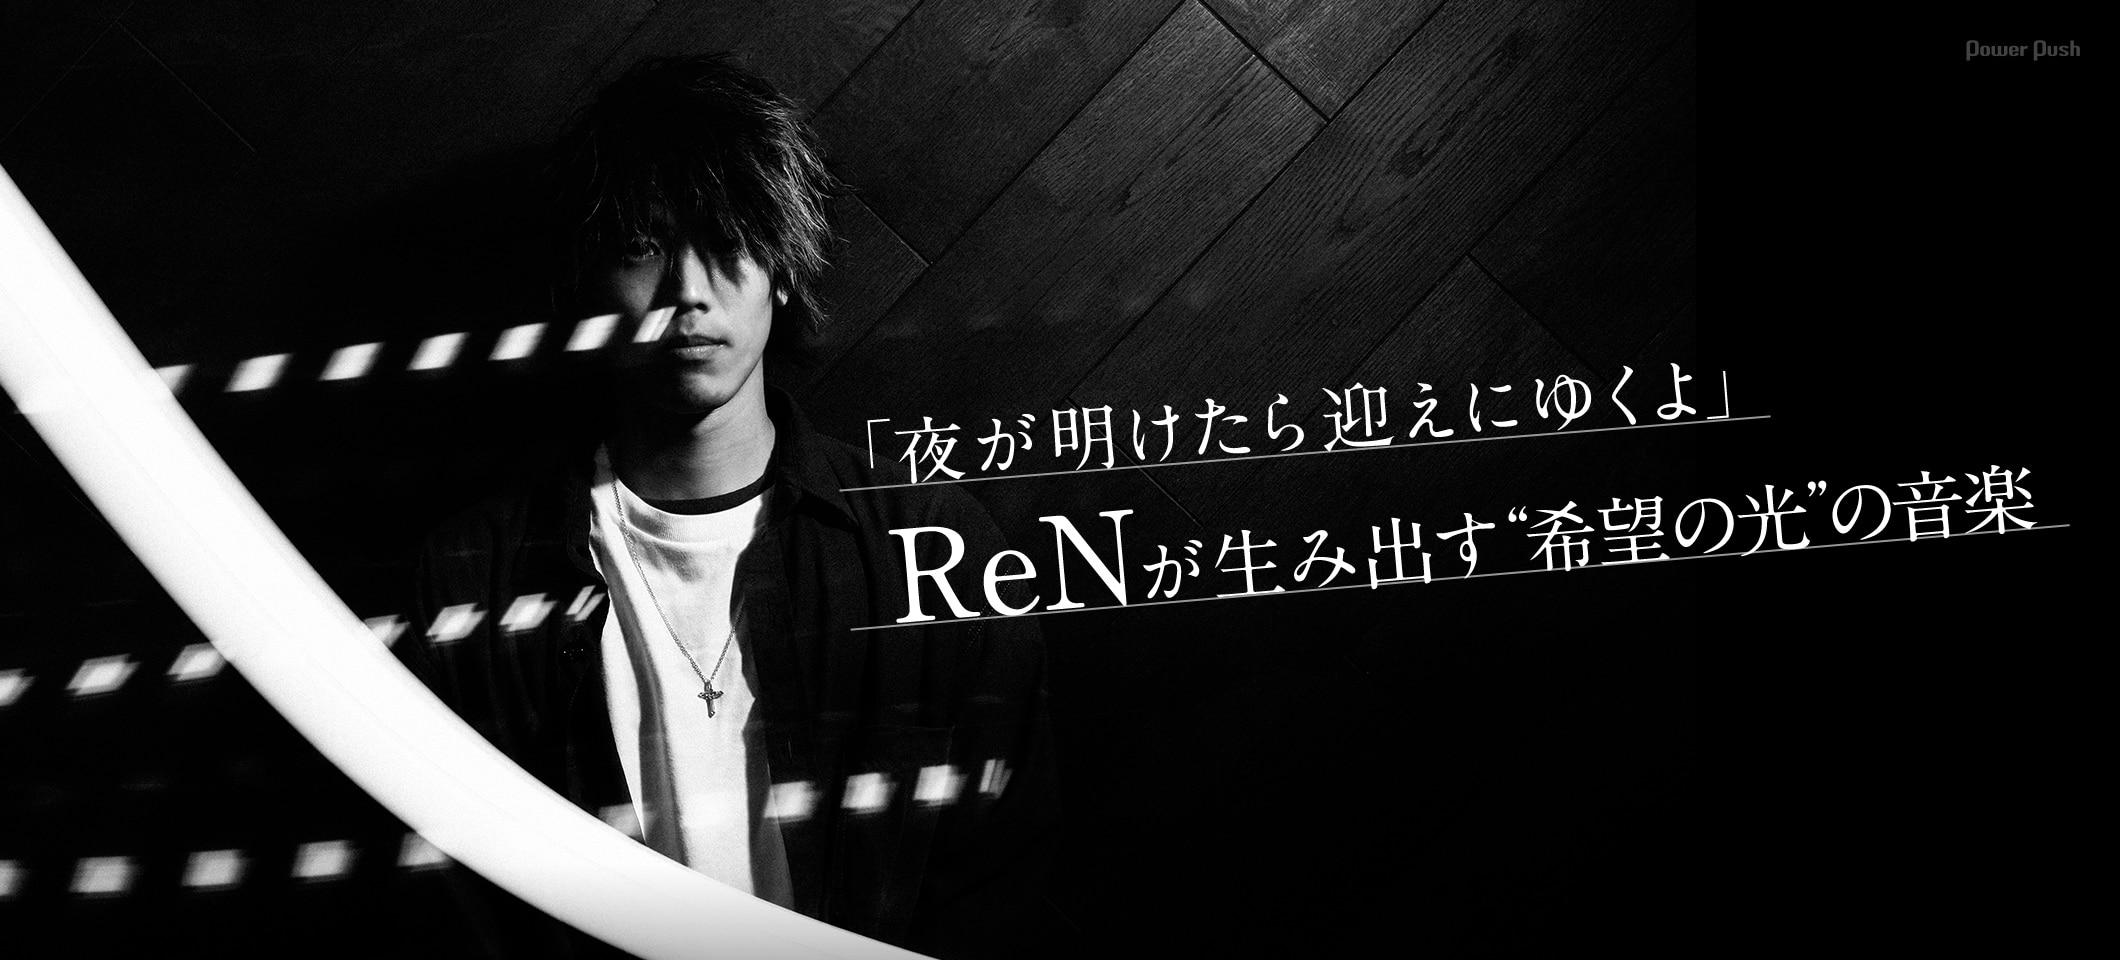 """「夜が明けたら迎えにゆくよ」ReNが生み出す""""希望の光""""の音楽"""